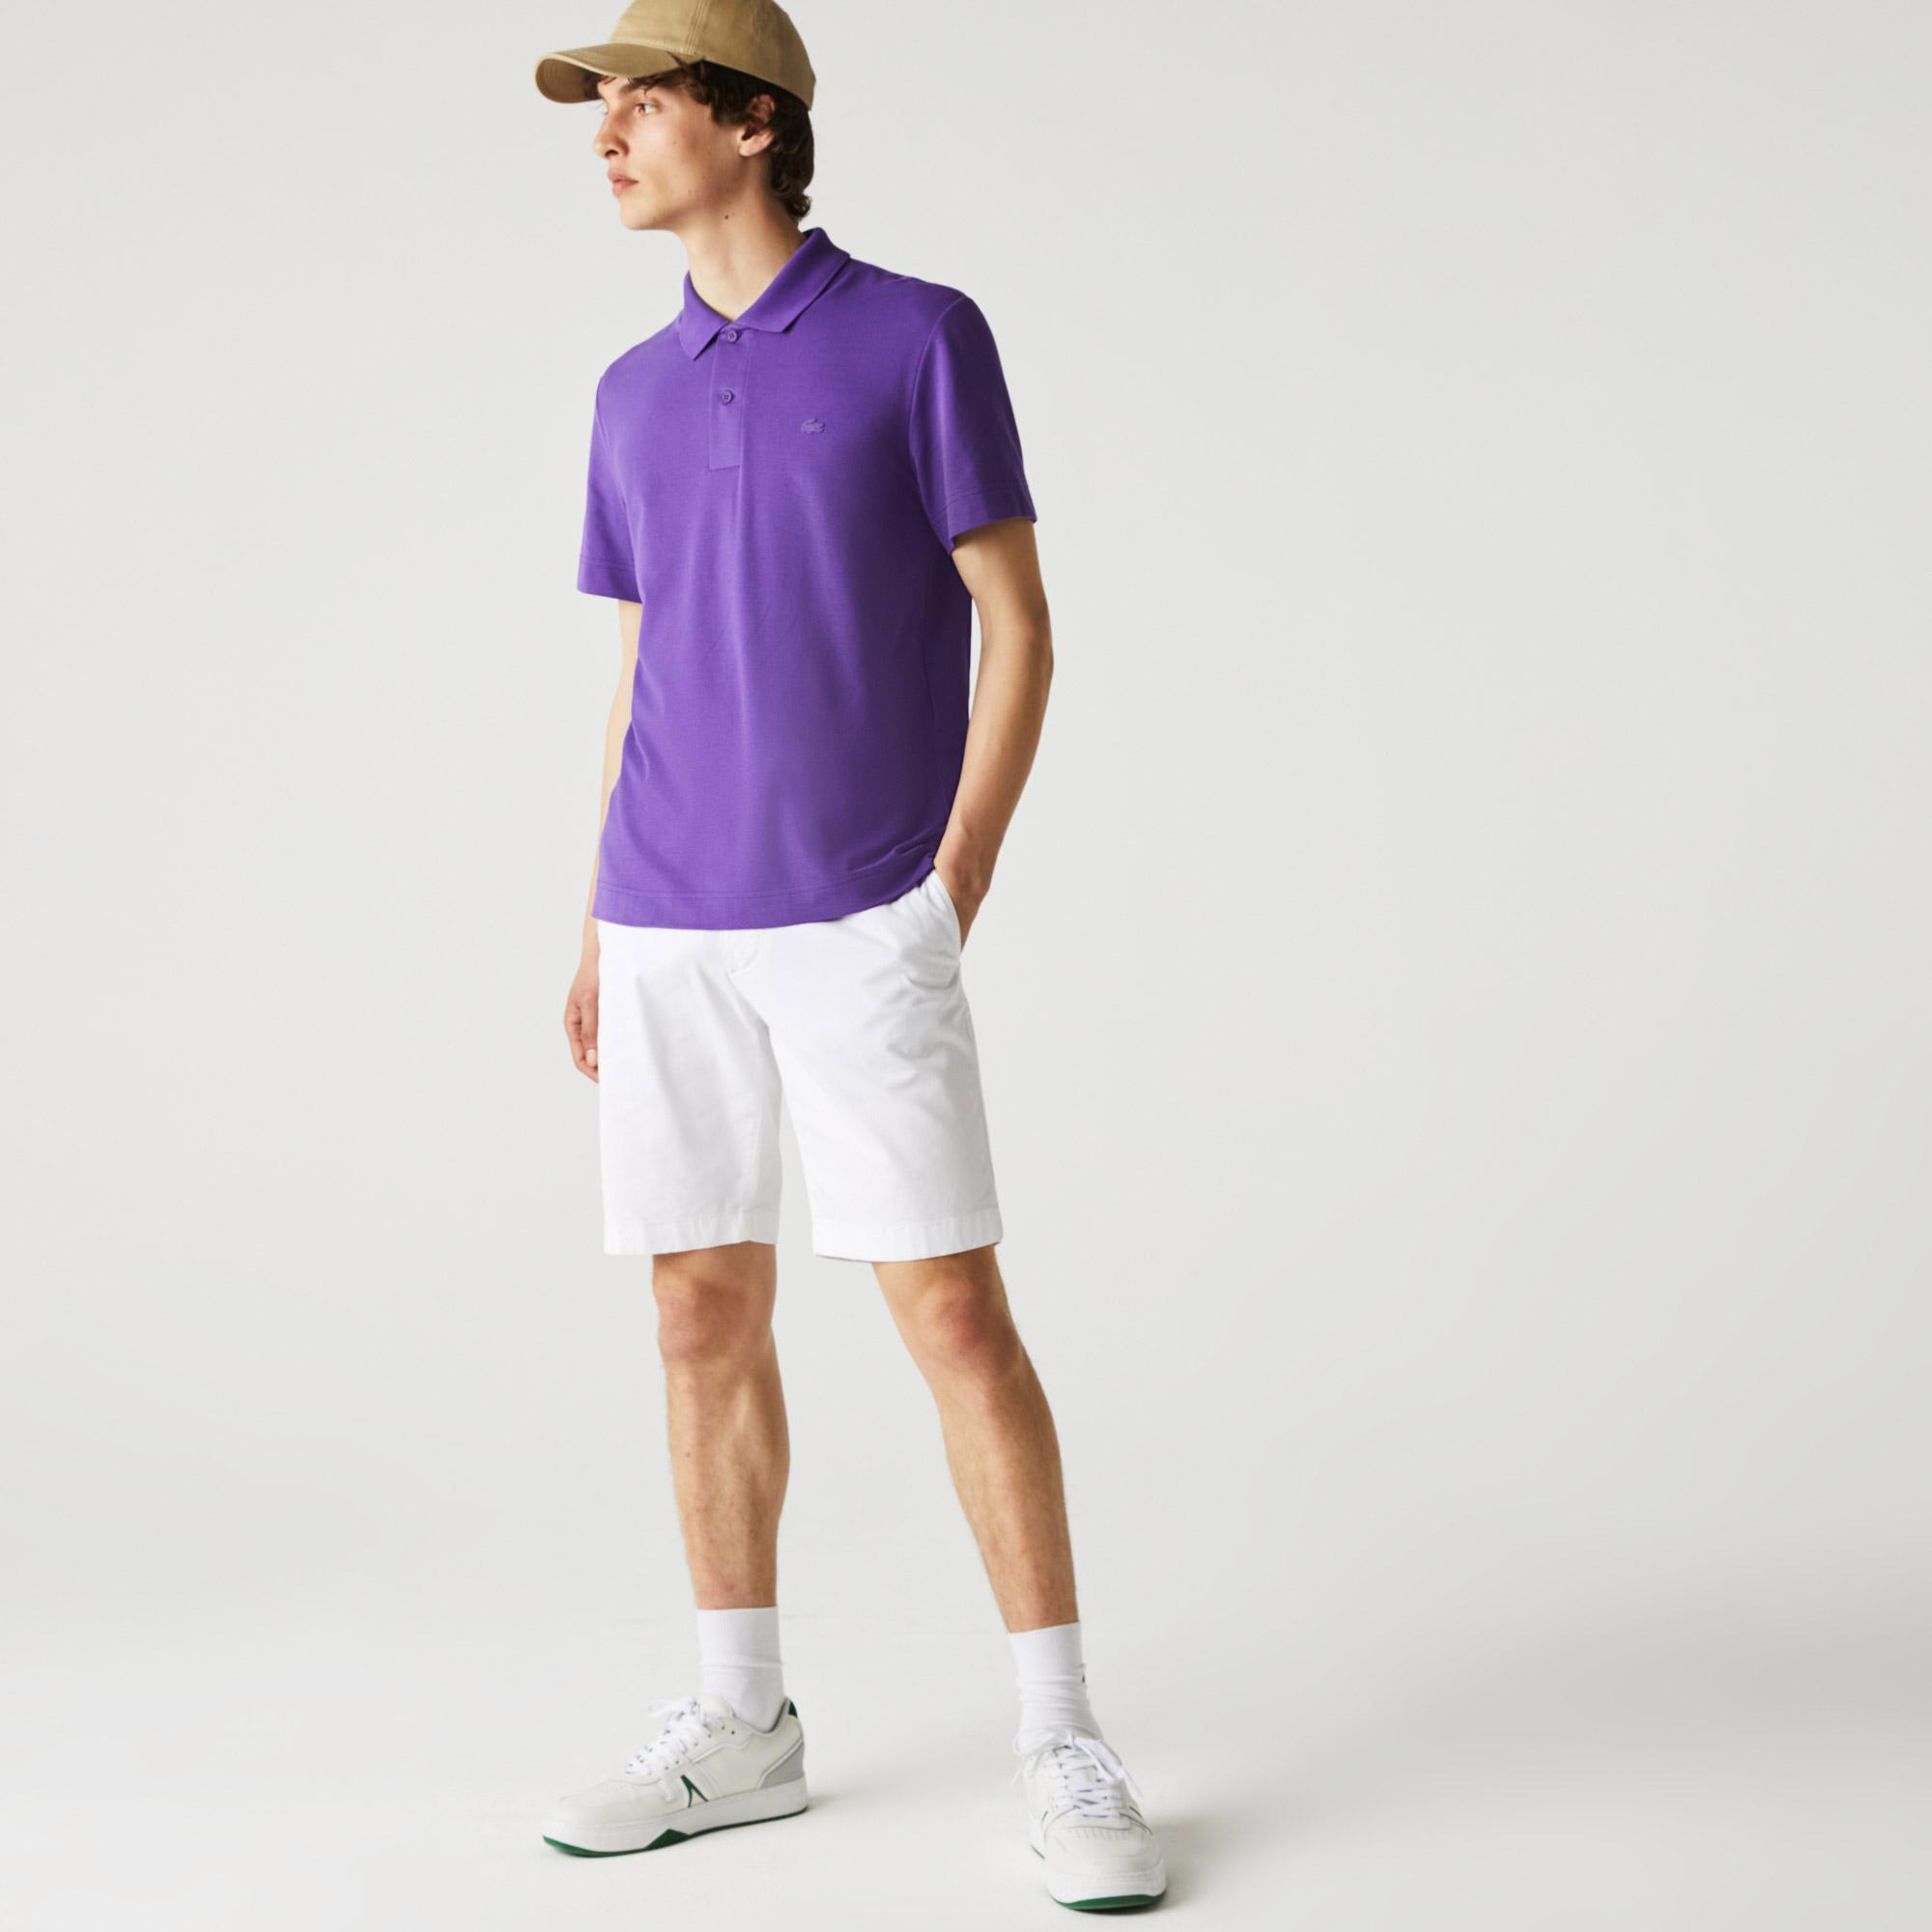 Lacoste Men's Regular Fit Light Breathable Piqué Polo